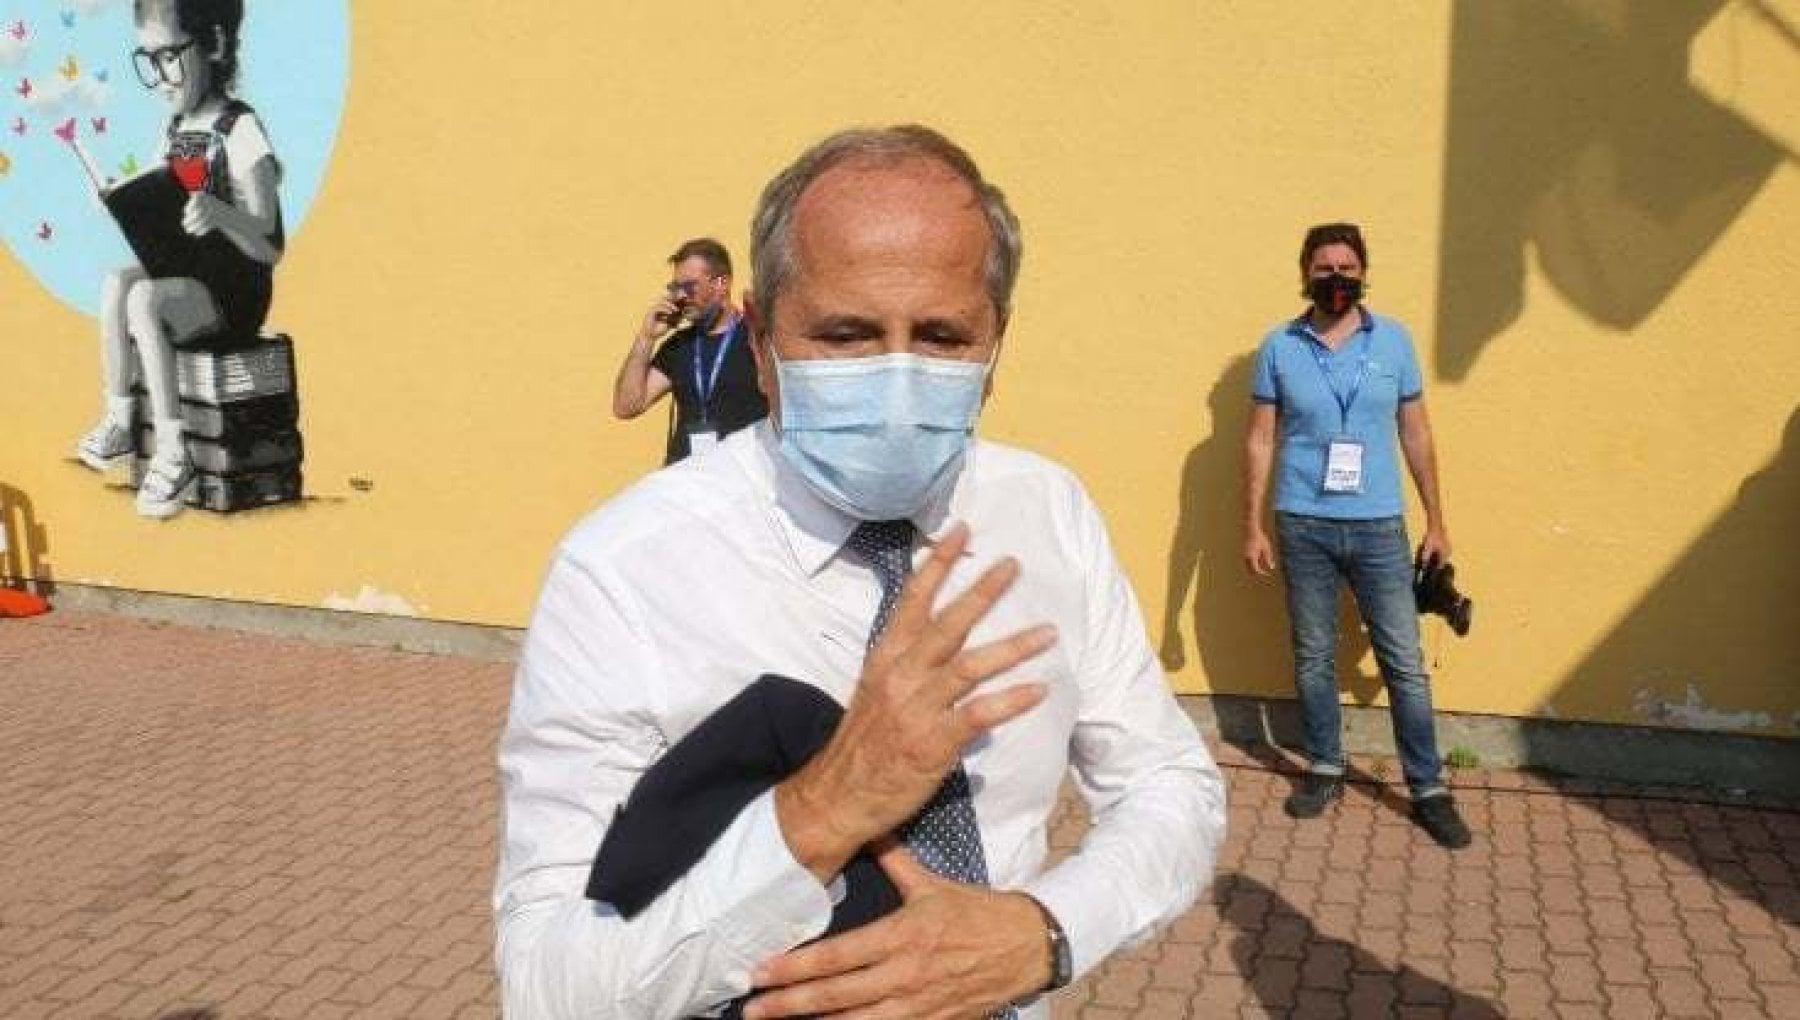 Roma Coronavirus scuola la proposta di Crisanti Ecco la mia idea per decidere se riaprire le scuole